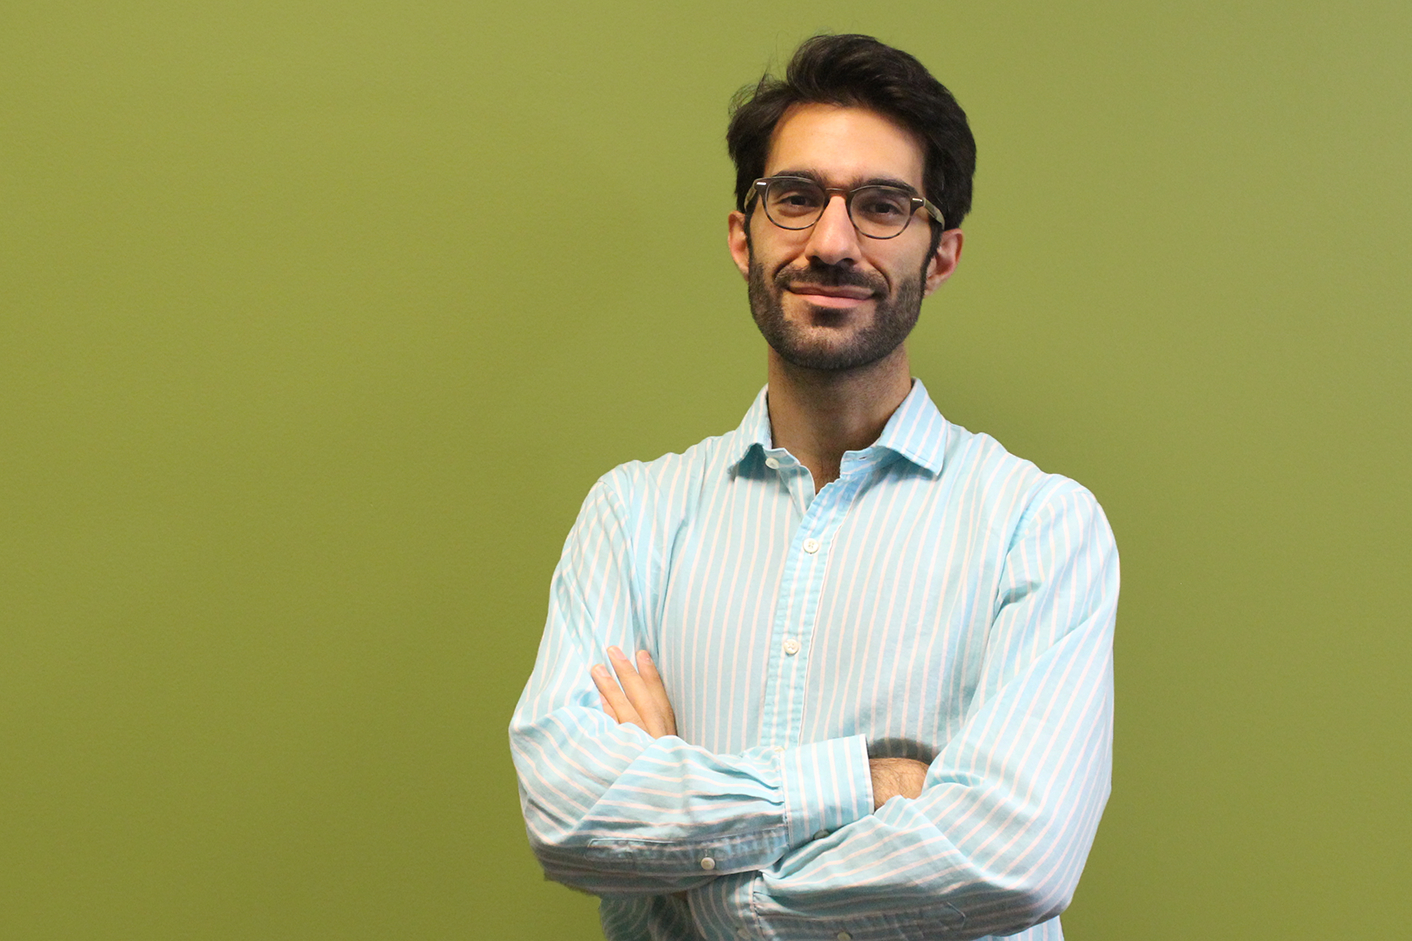 Seyed Yousef Kazerooni